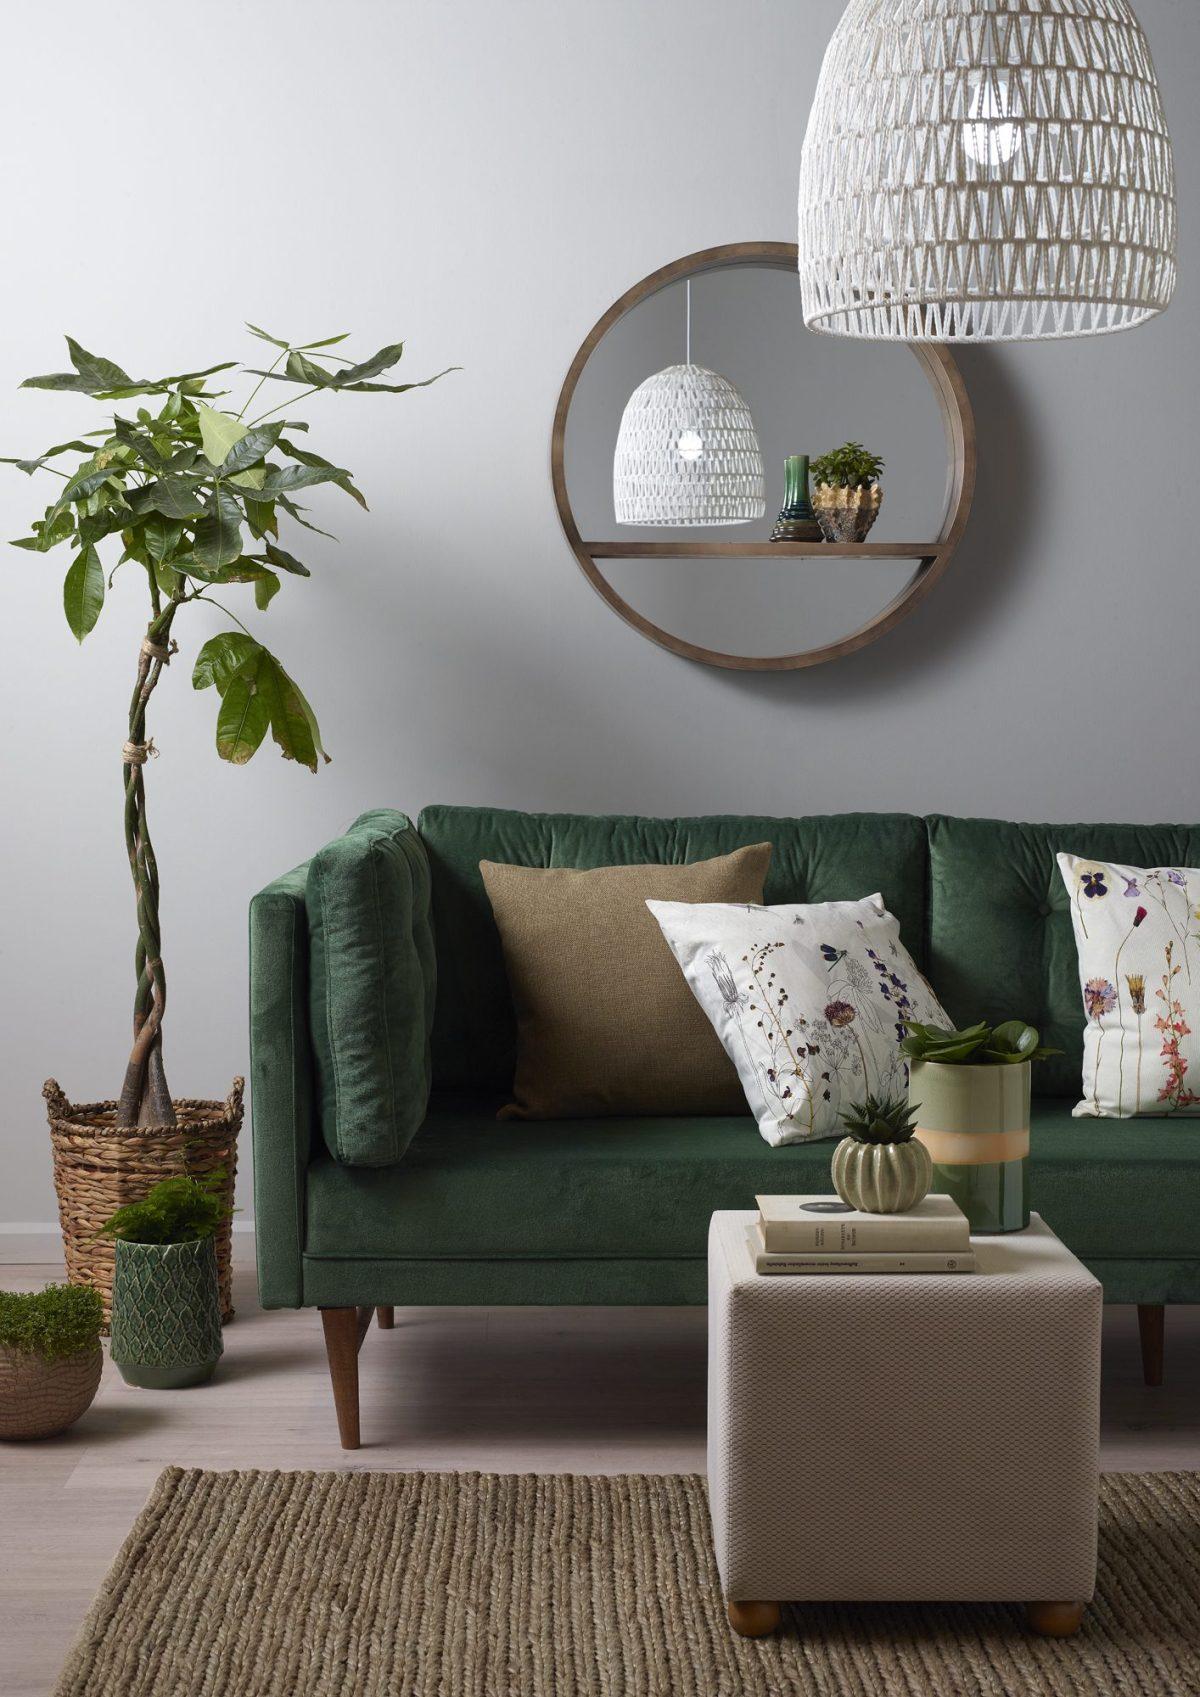 Modern oturma odası dekorasyonu.